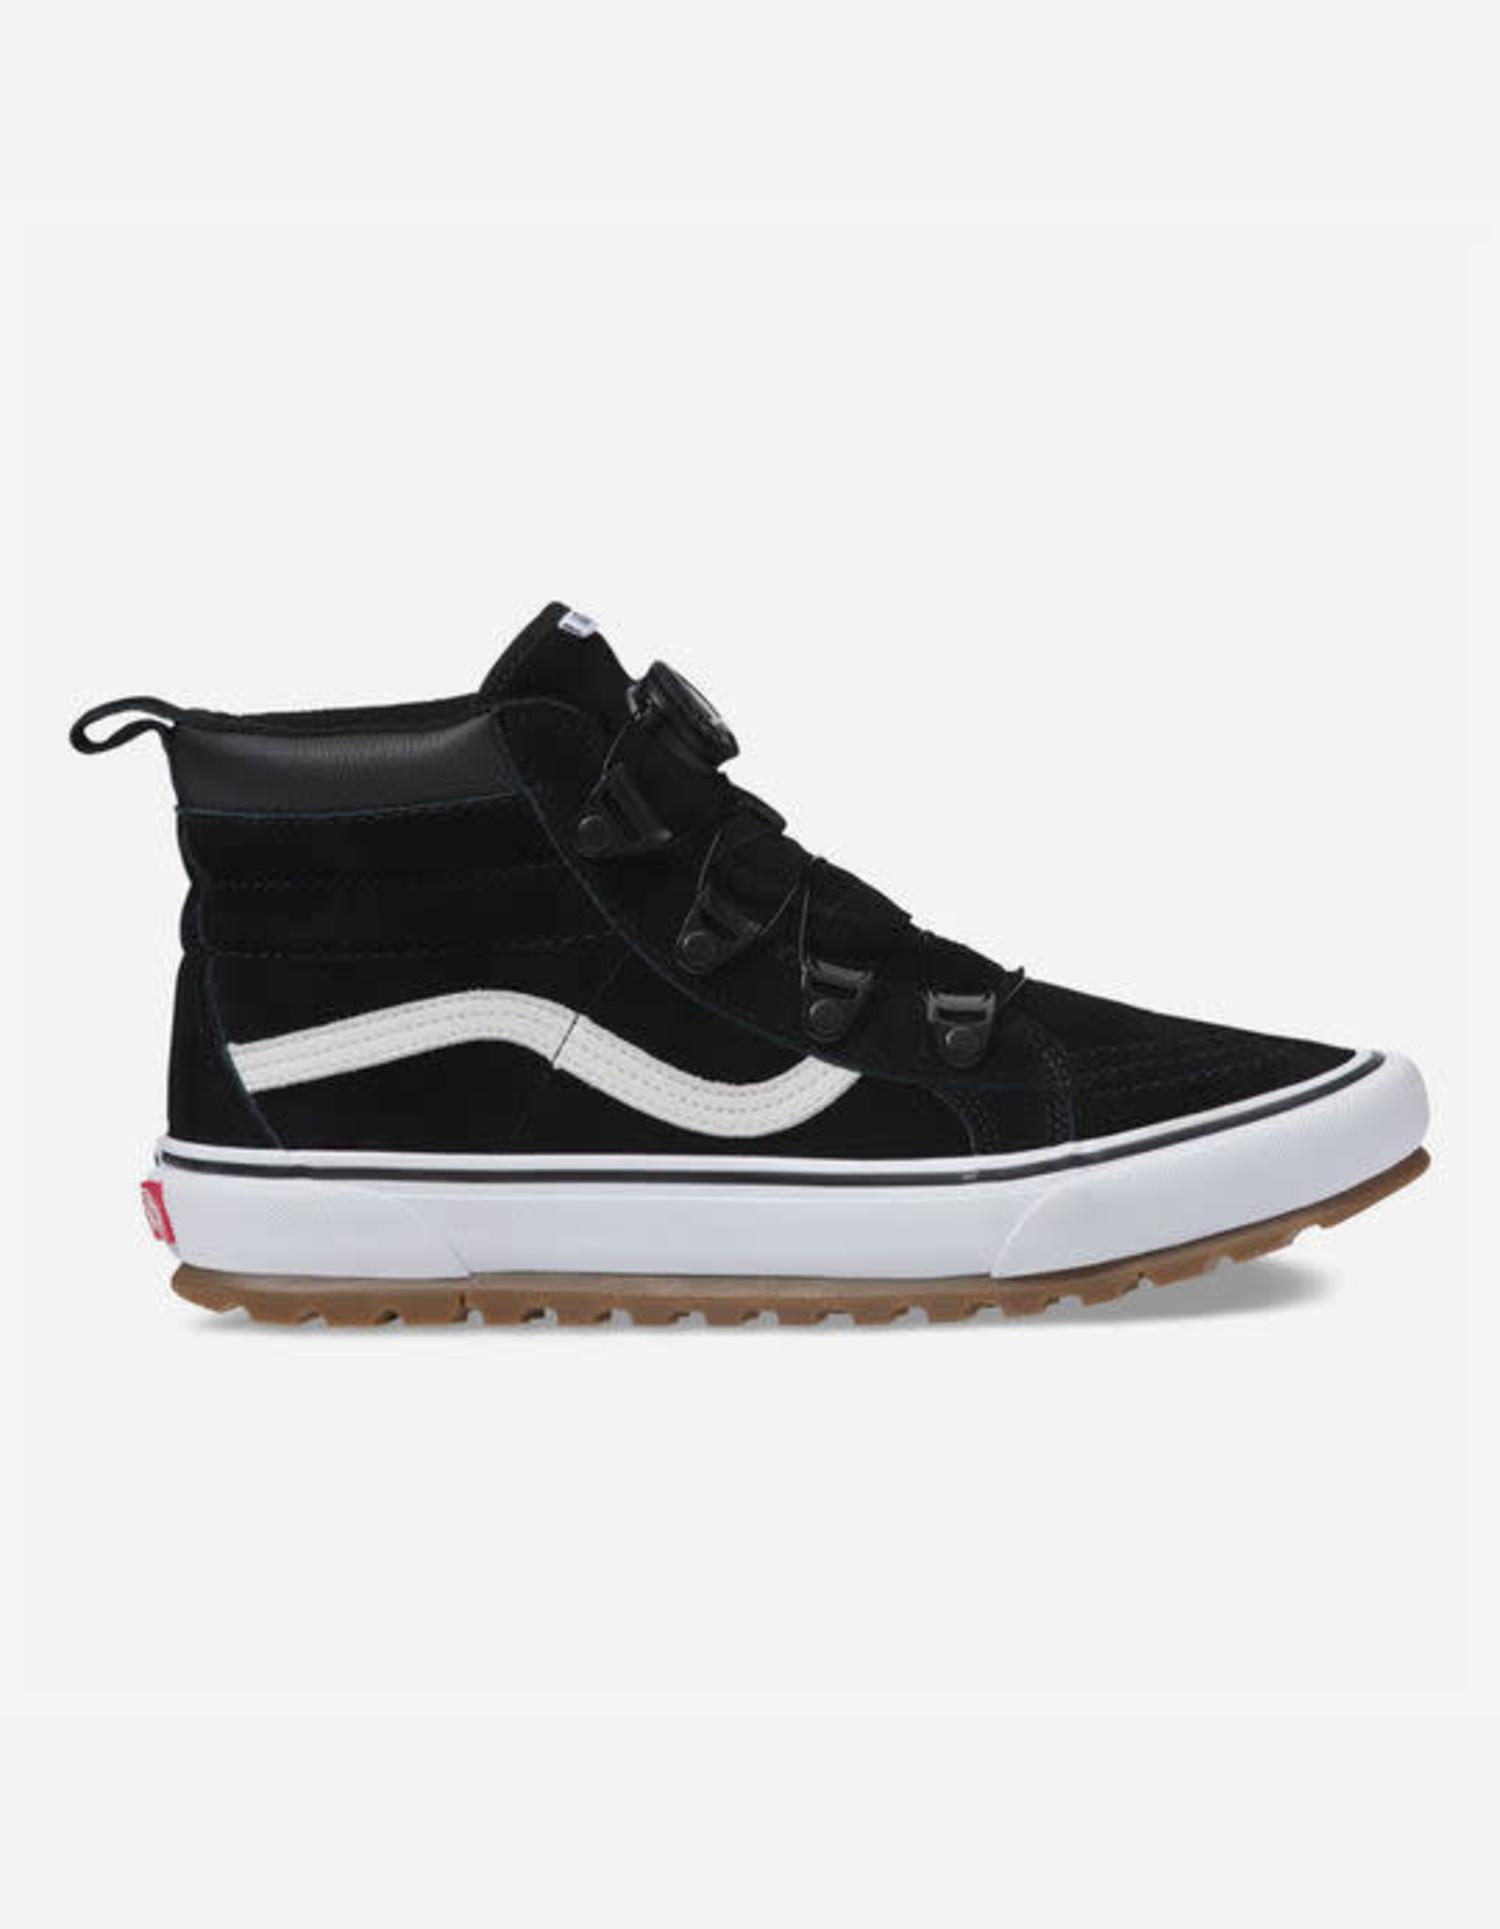 Vans Vans Sk8 Hi MTE BOA Shoes